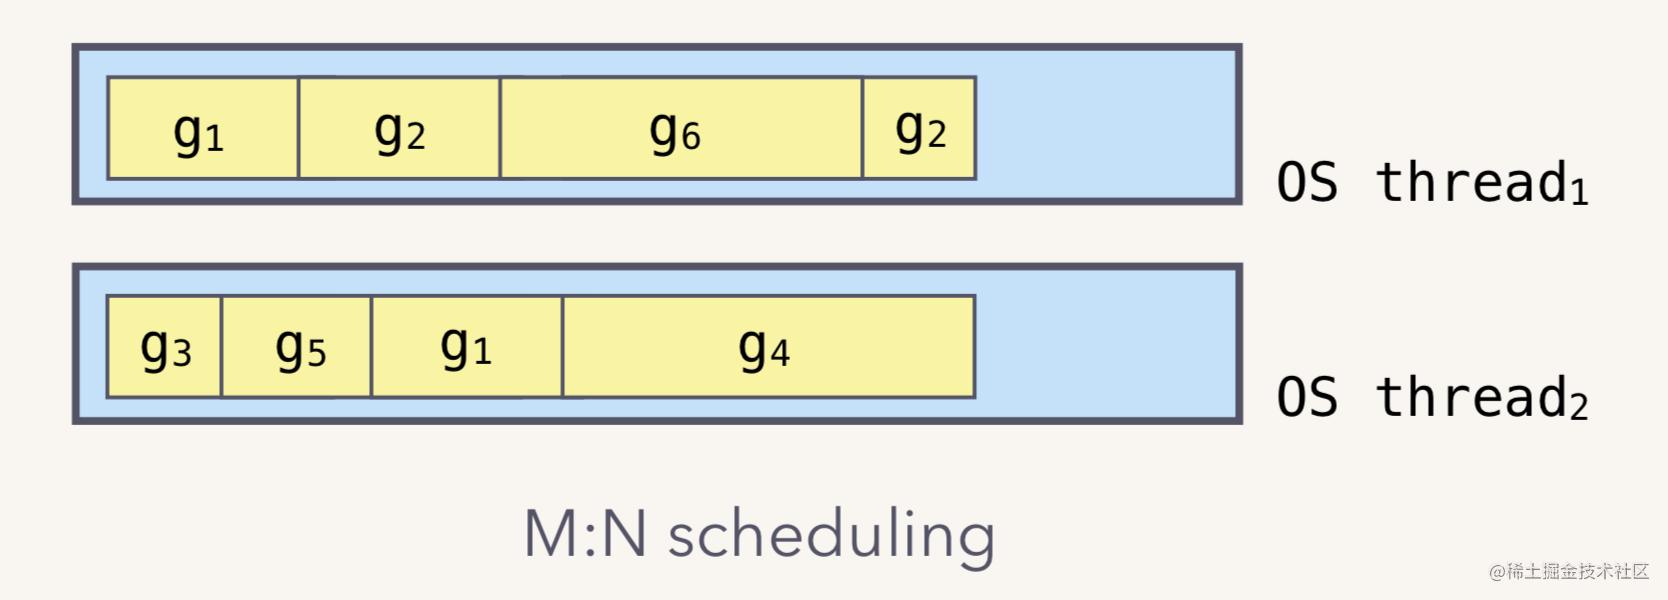 M:N scheduling